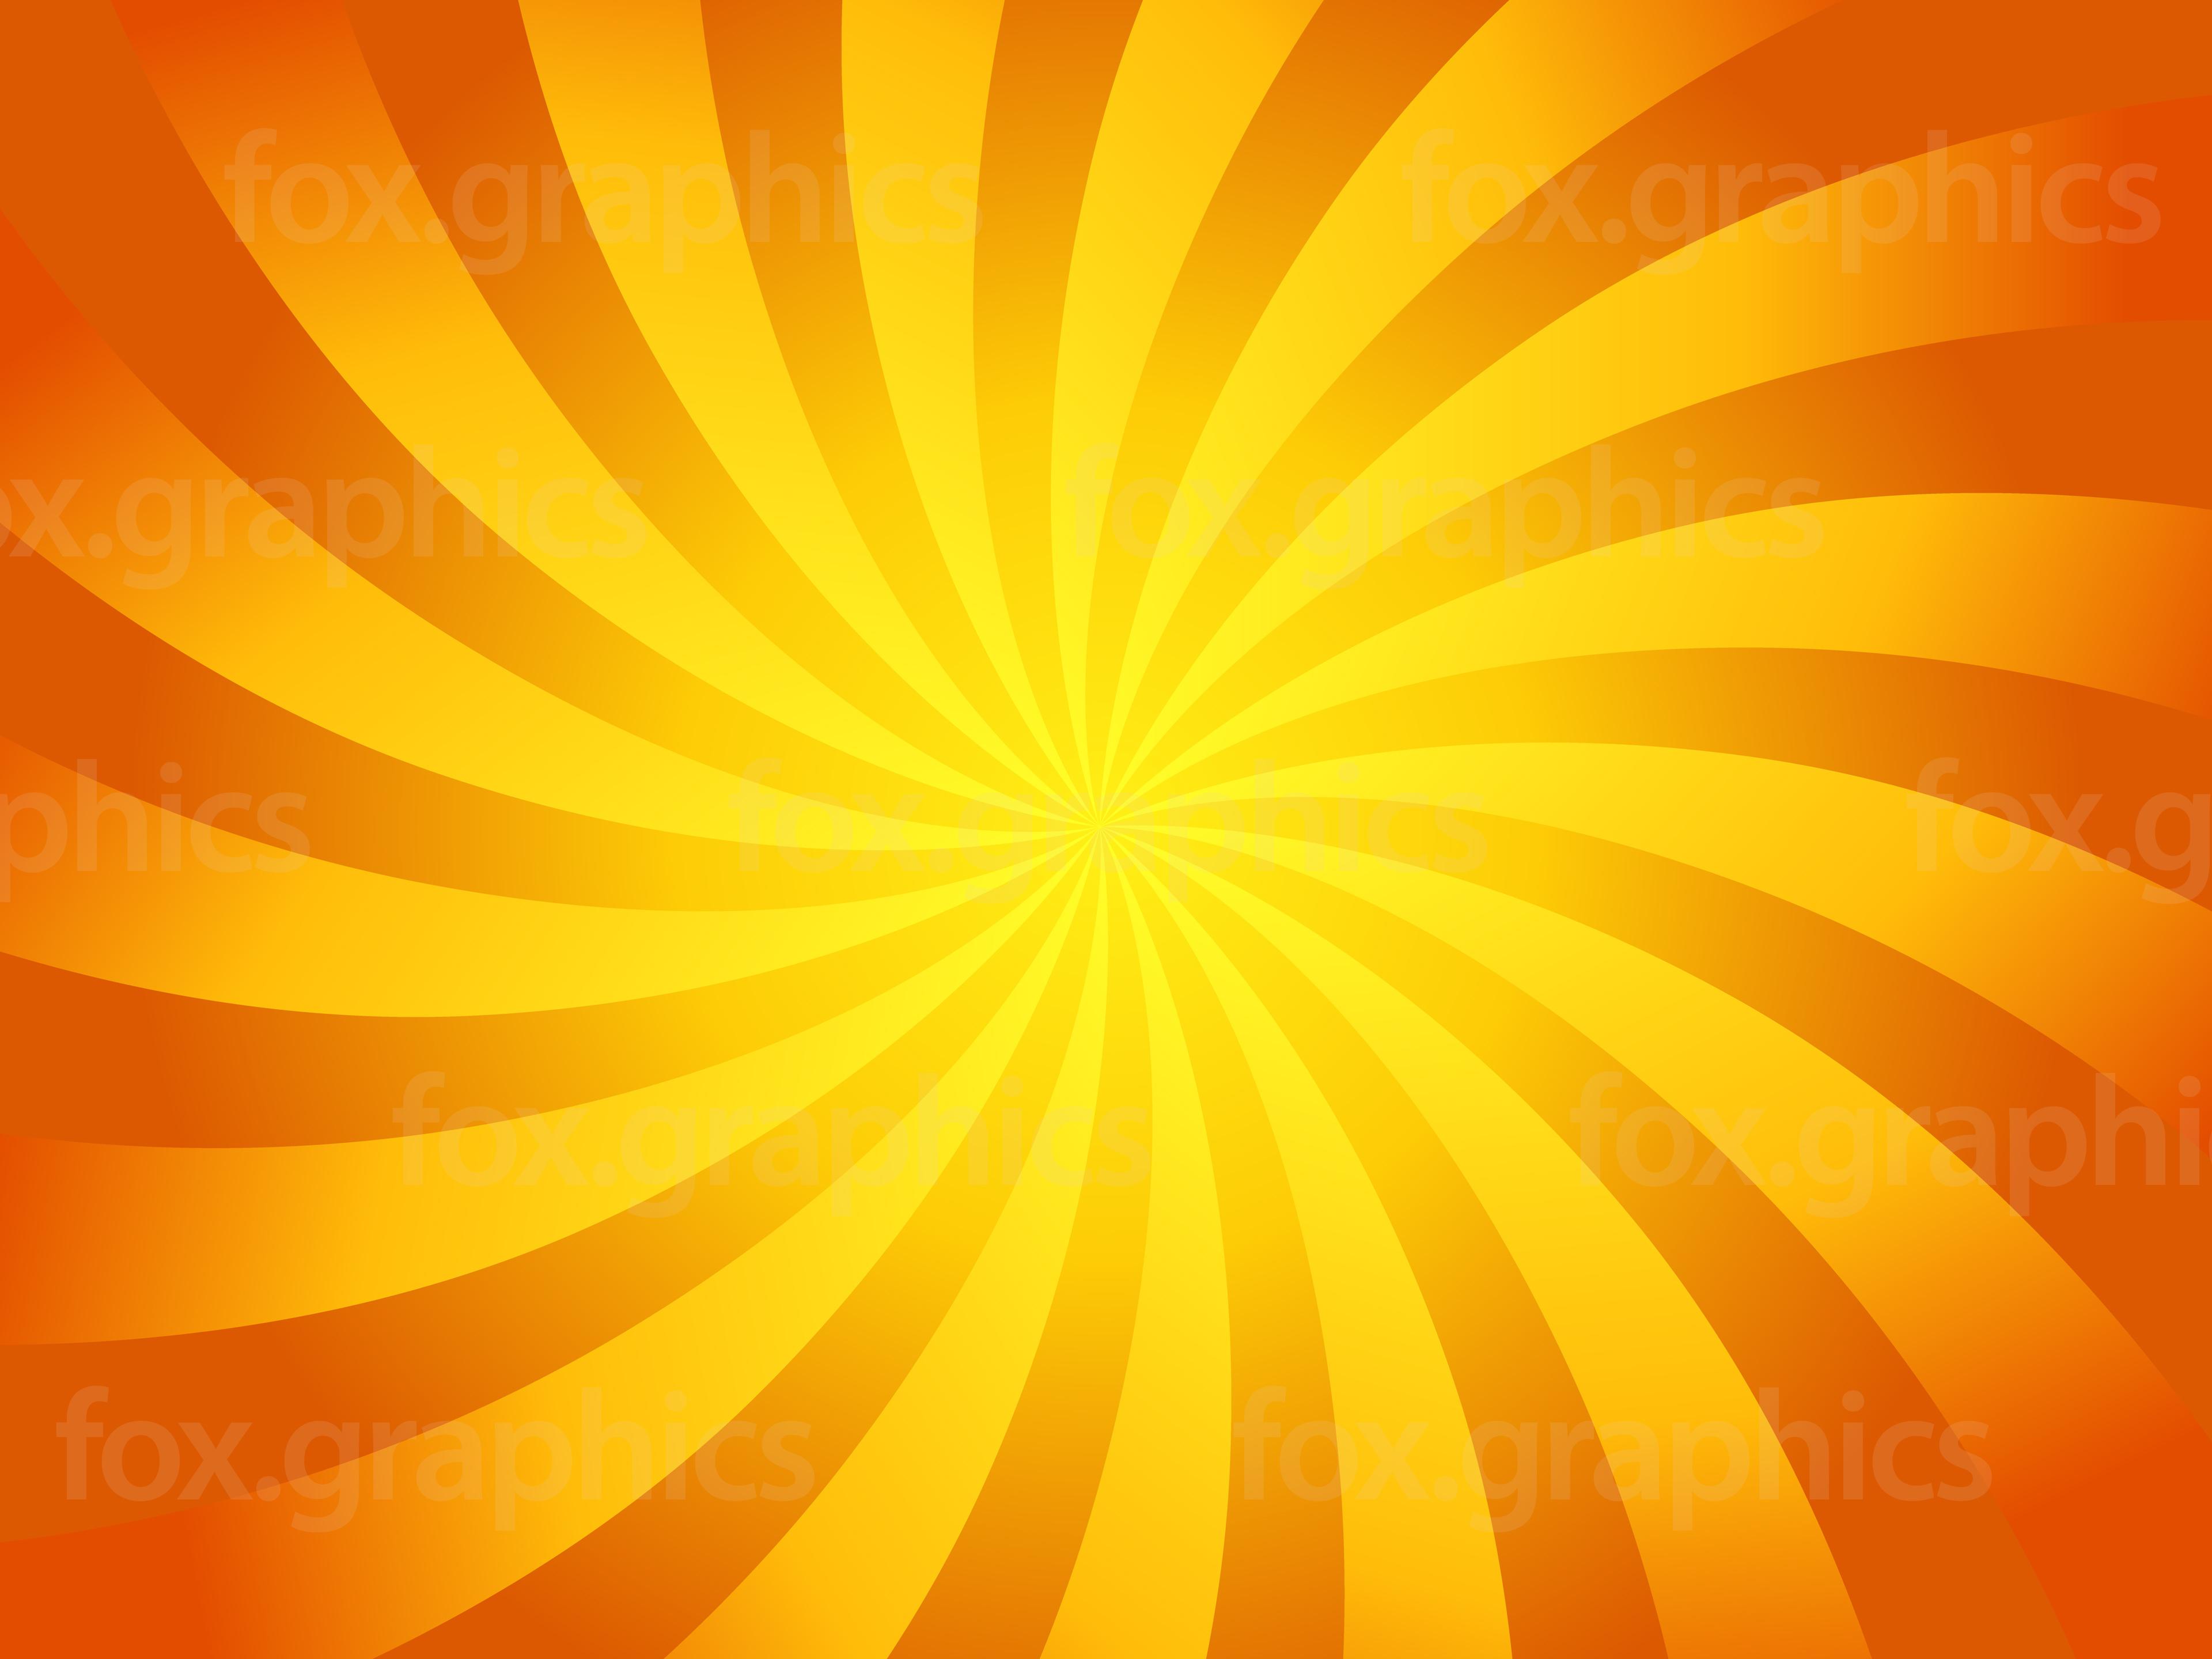 Yellow swirl background - Fox Graphics